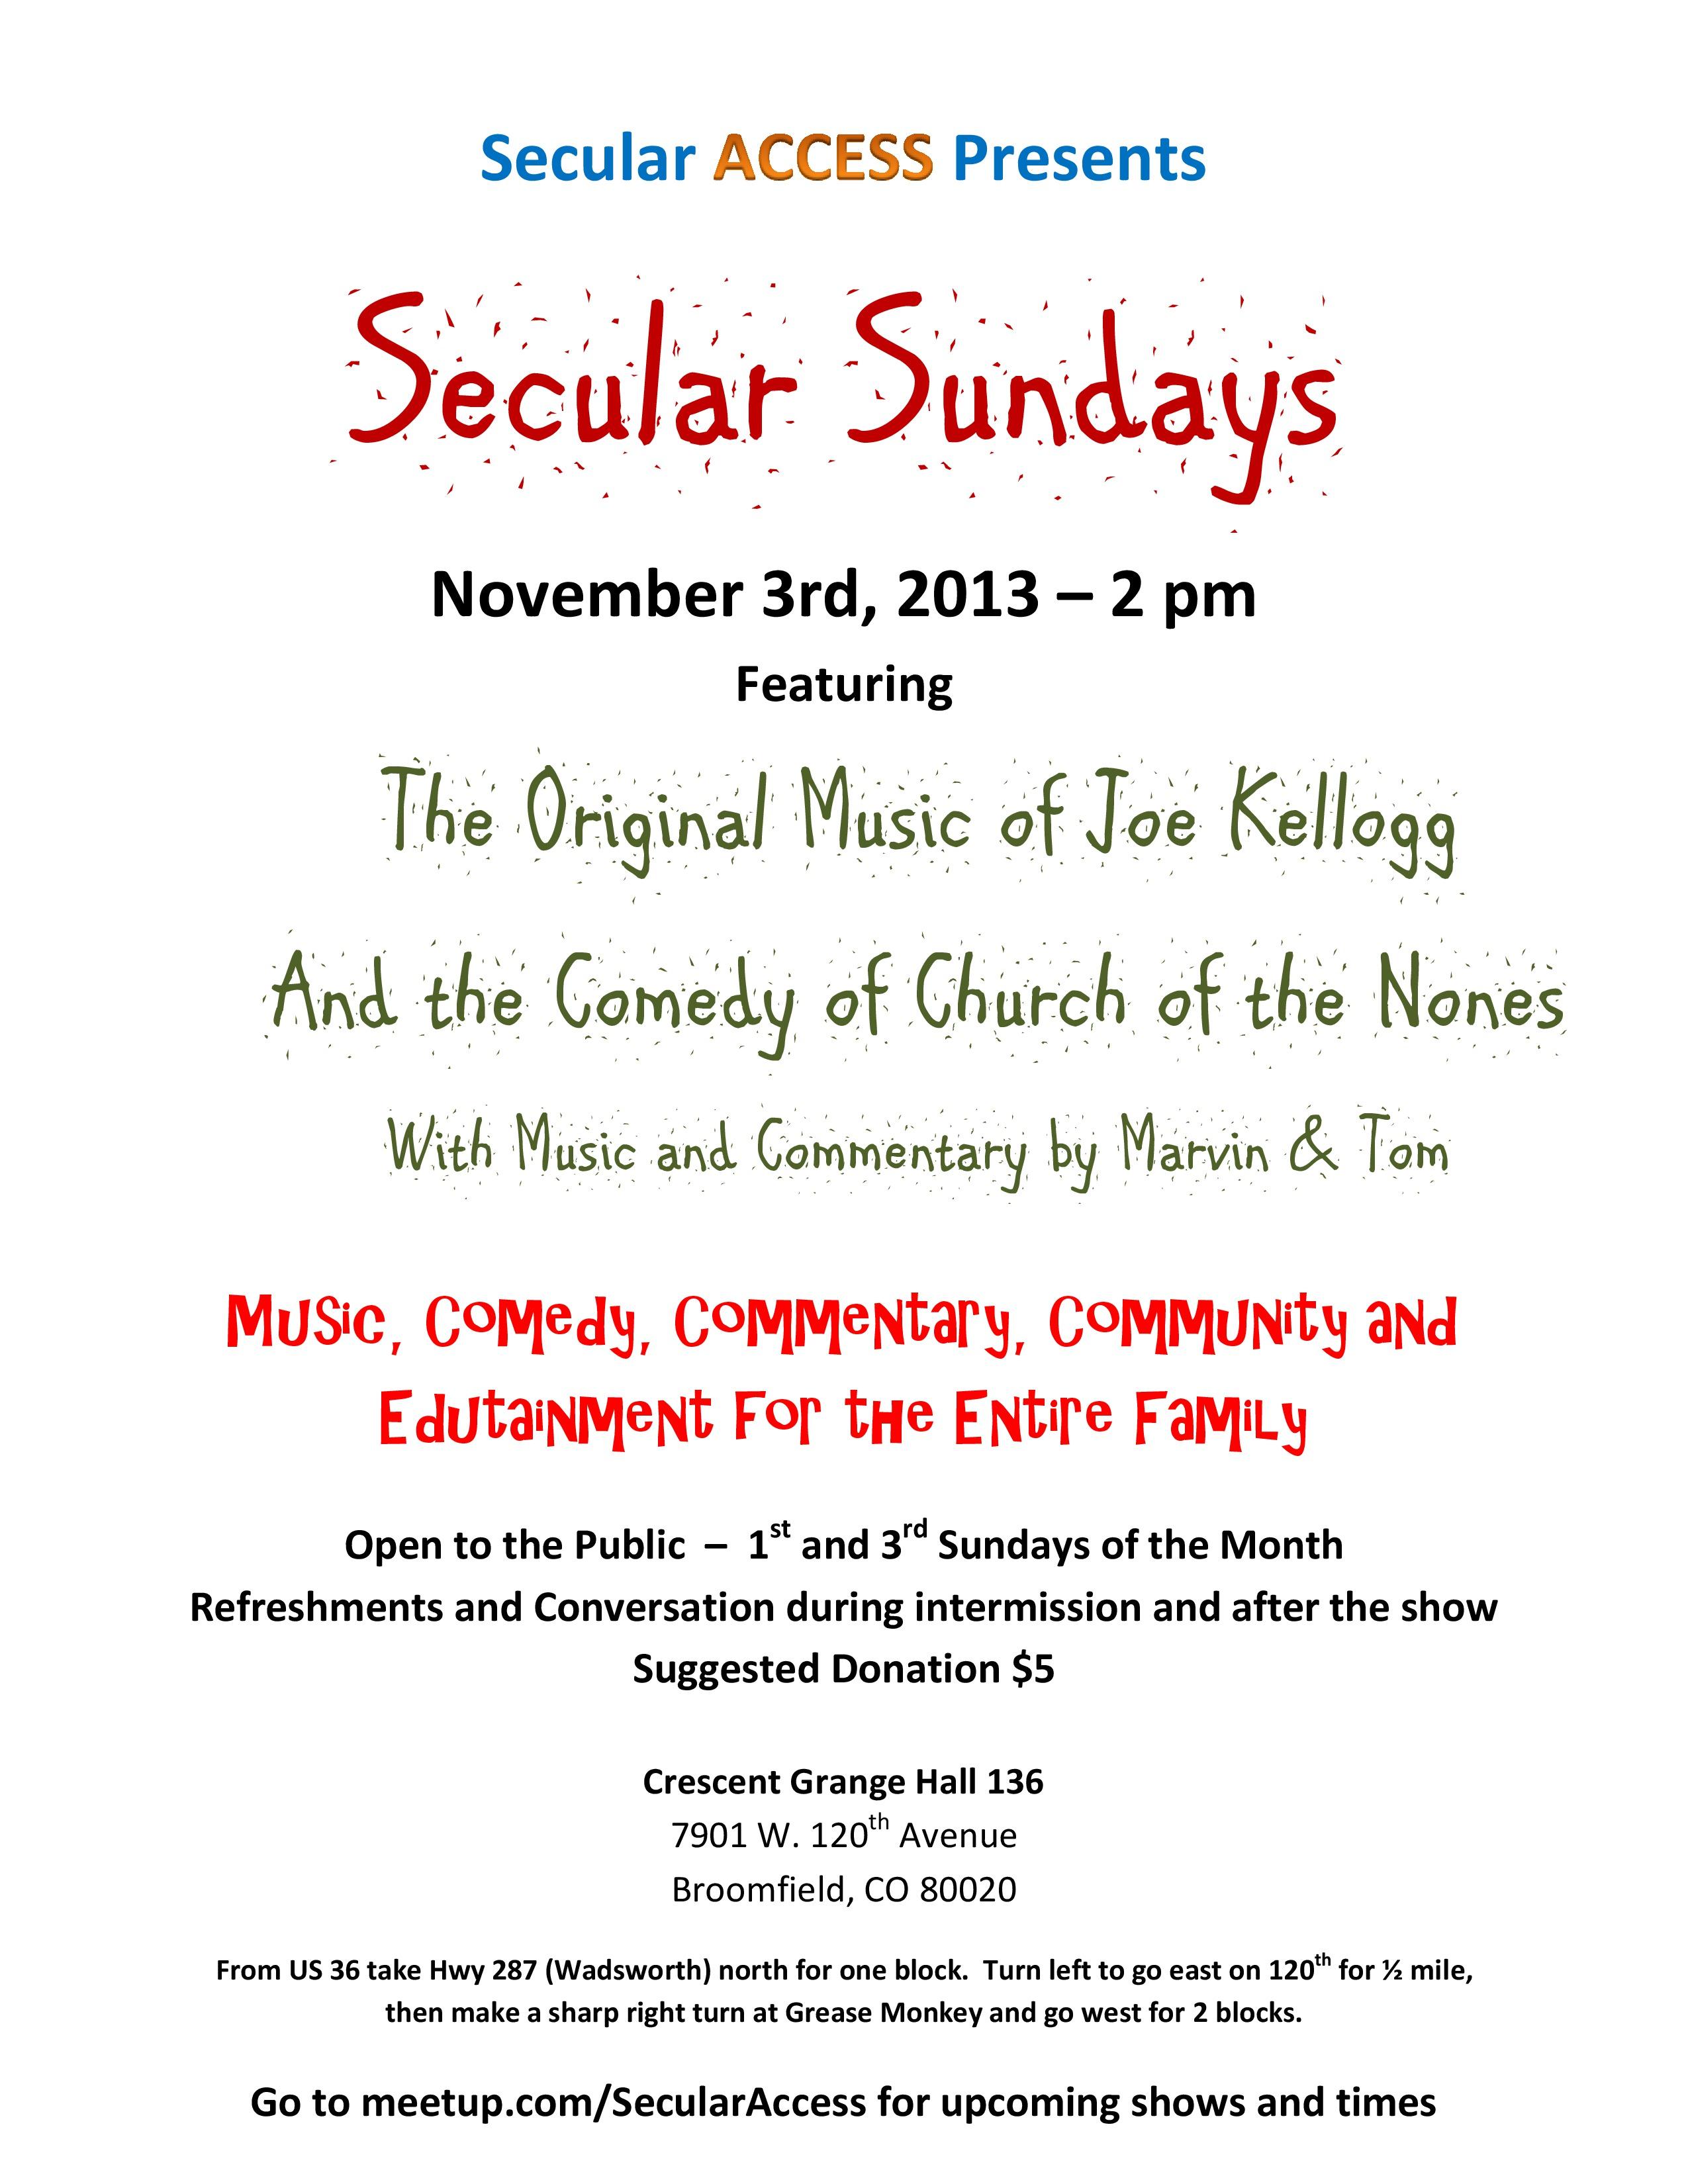 Secular ACCESS Presents 11-3-13